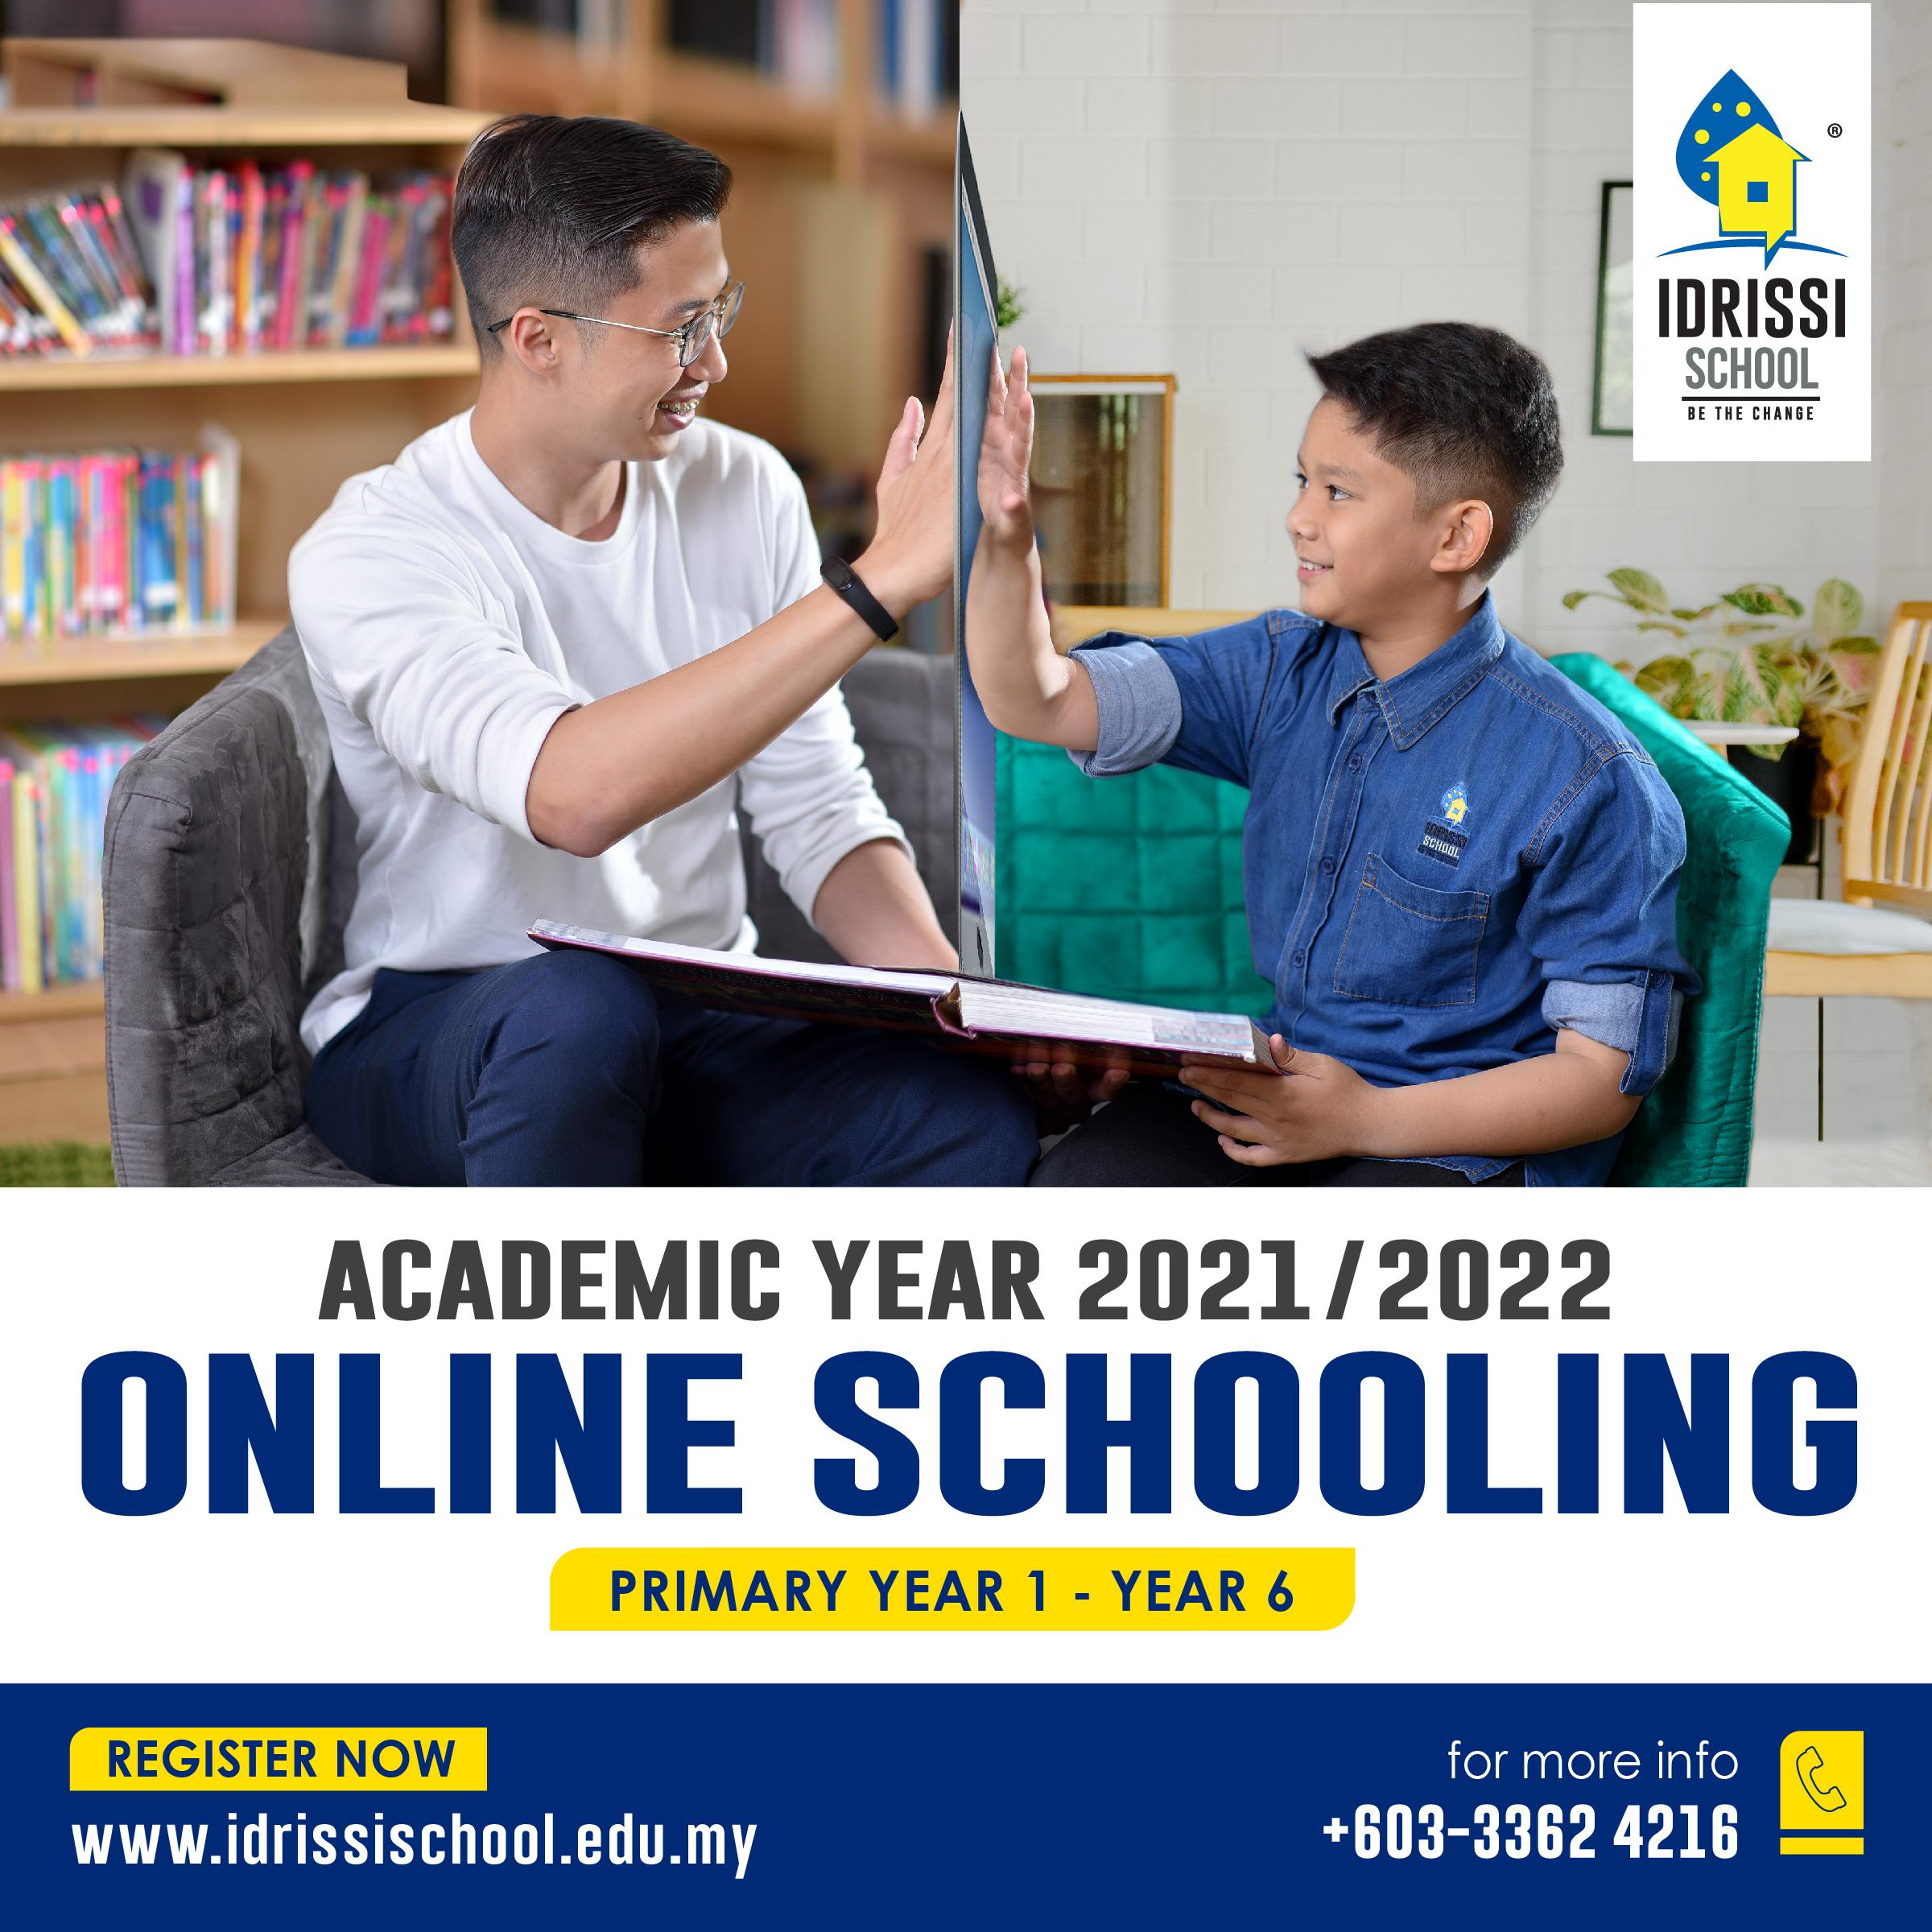 OnlineSchooling